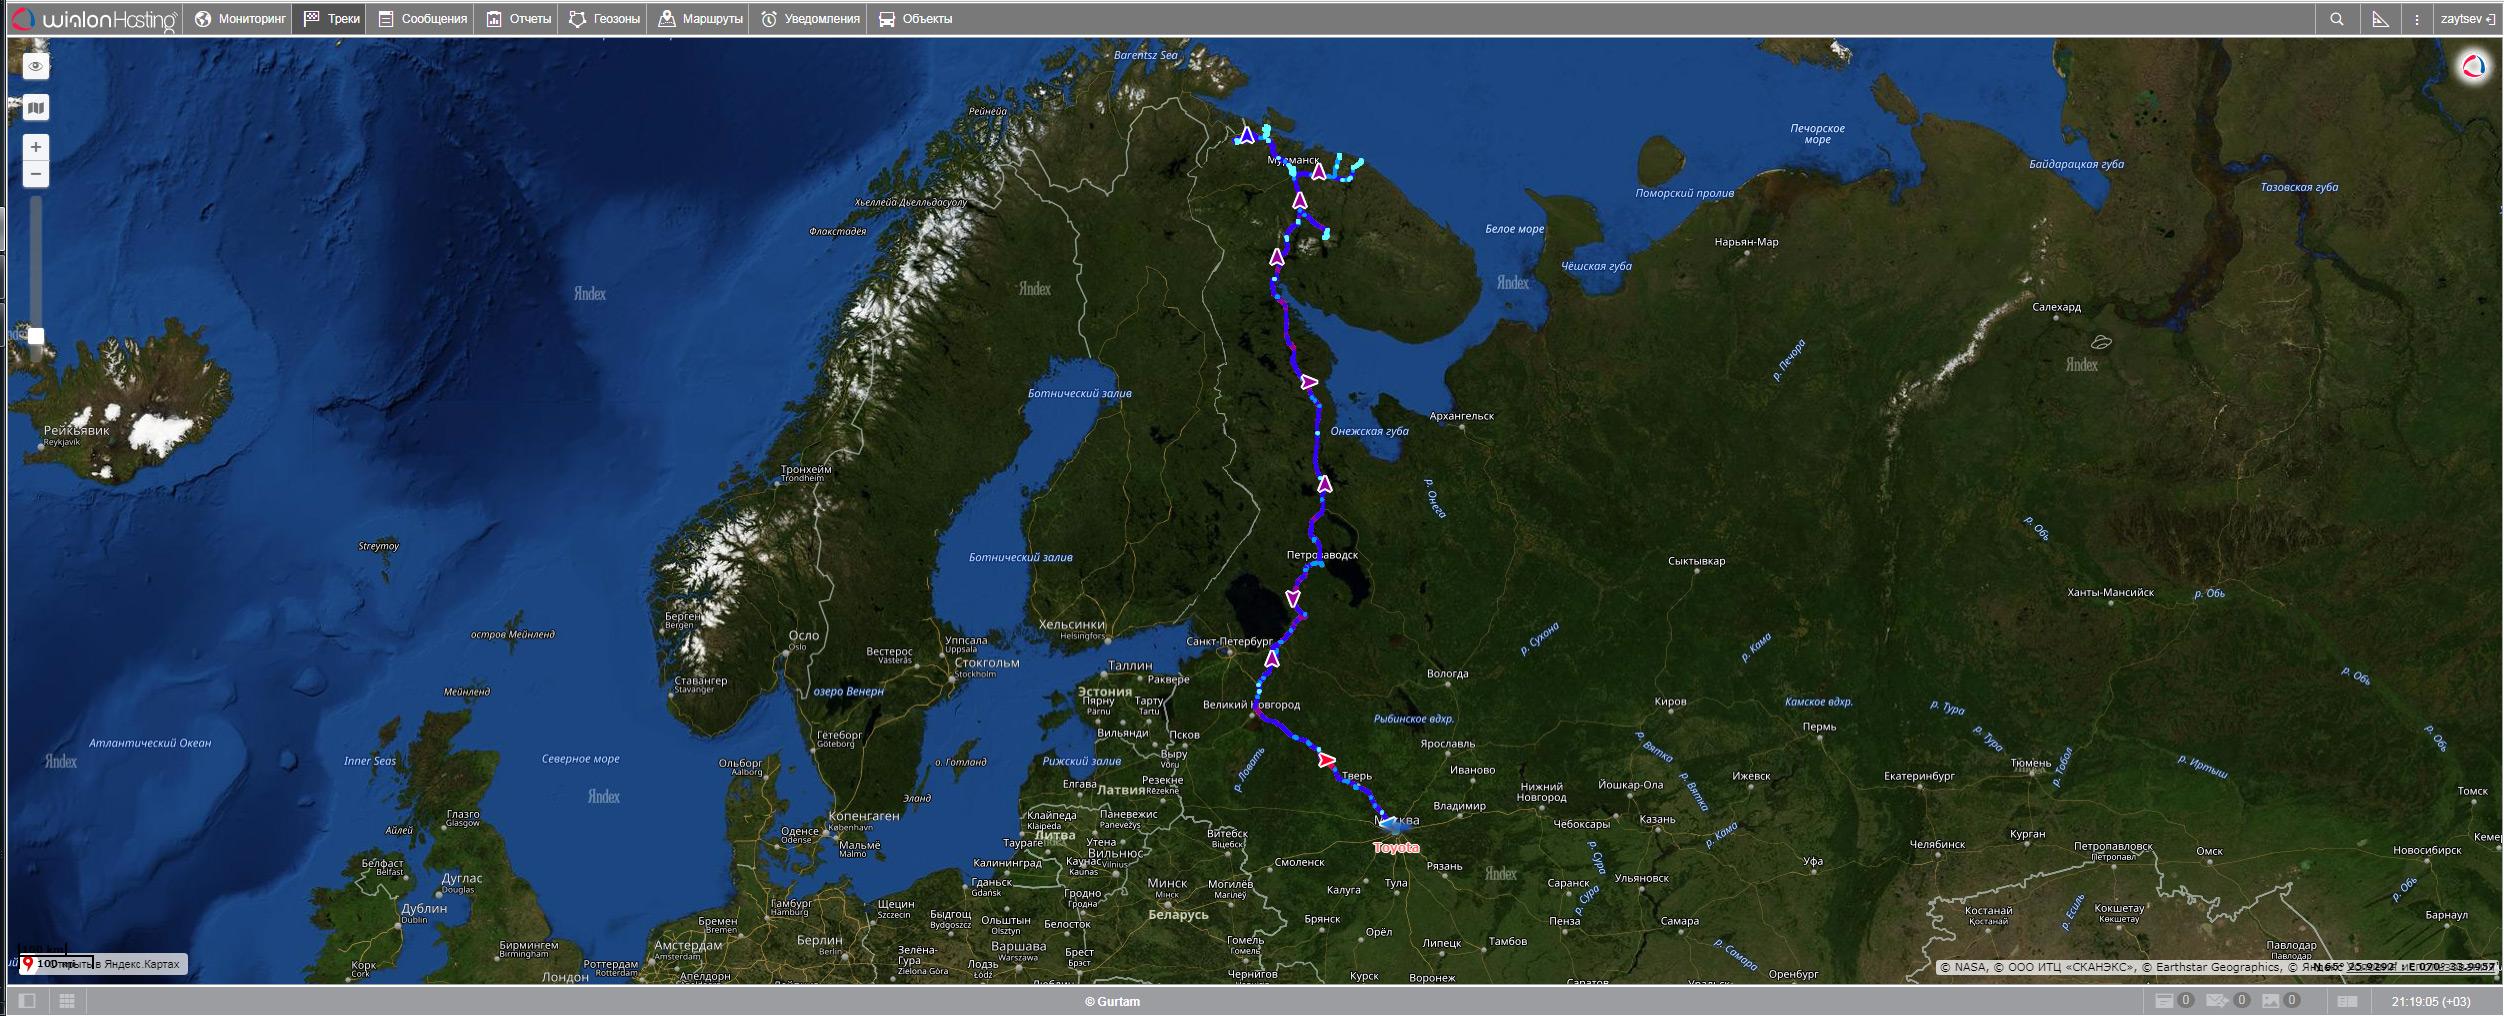 """Трек маршрута экспедиции """"По дорогам Заполярья"""" построенный с помощью ION Connect и сервиса LocMe"""